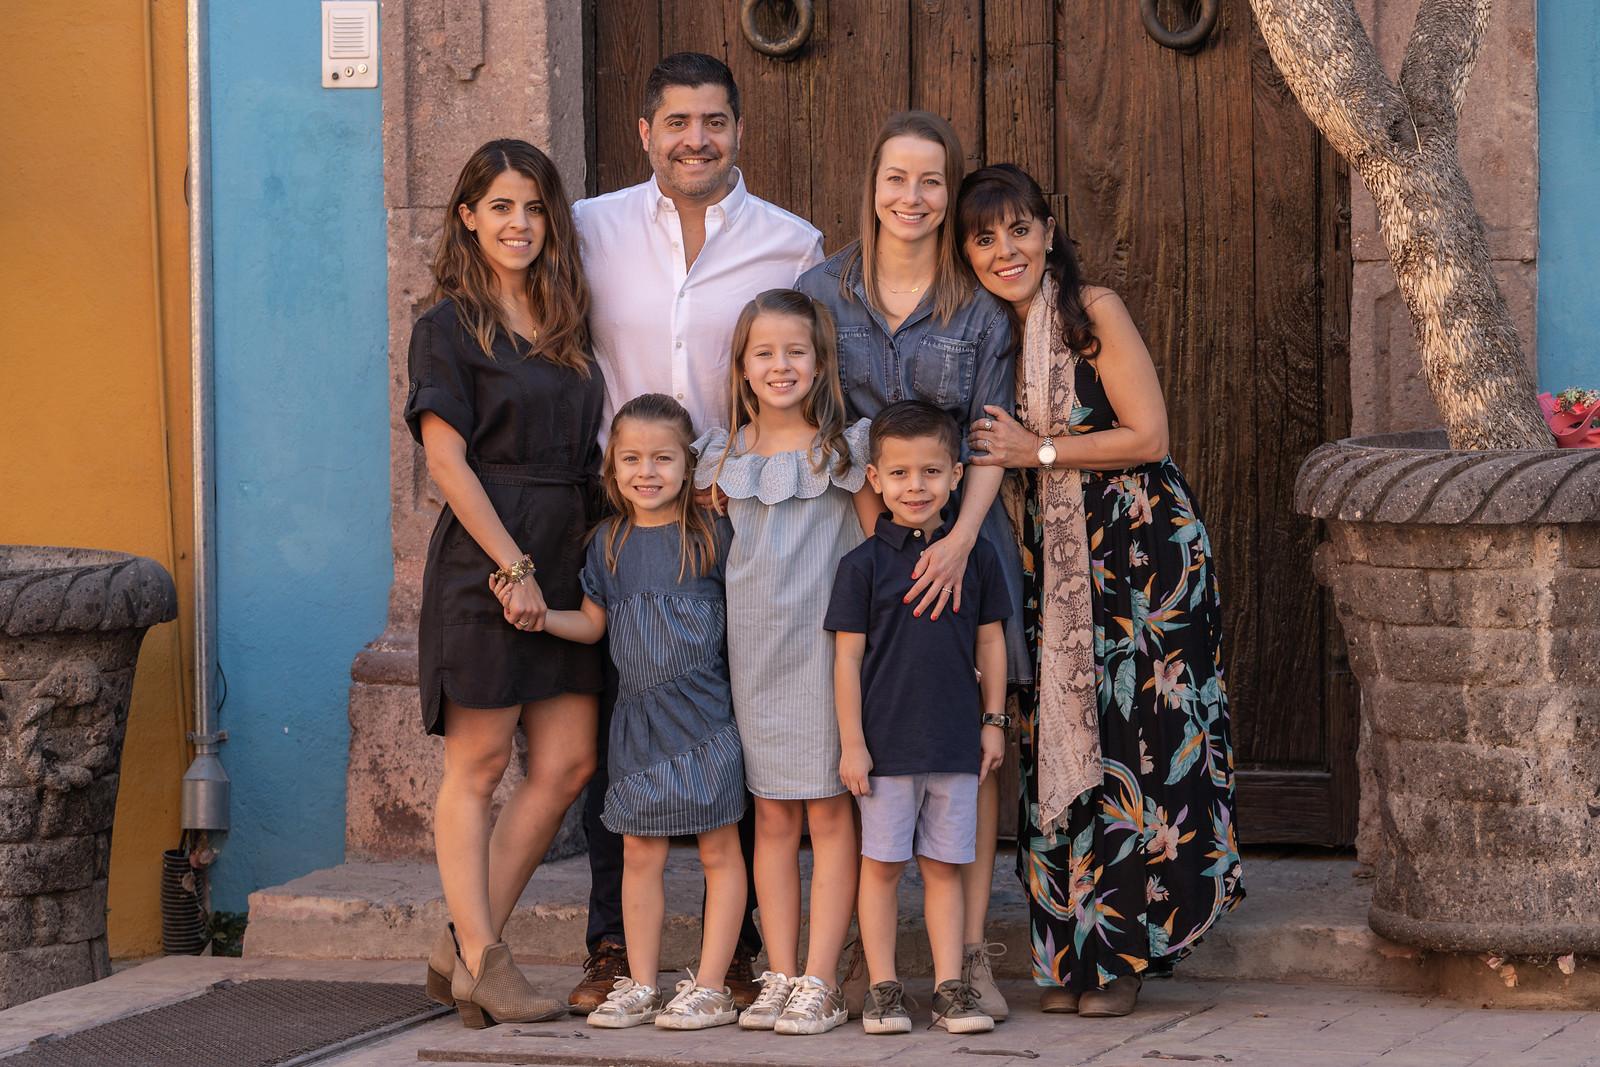 Sesion de Fotos Familiar en San Miguel de Allende con Jimena y su Familia-49.jpg